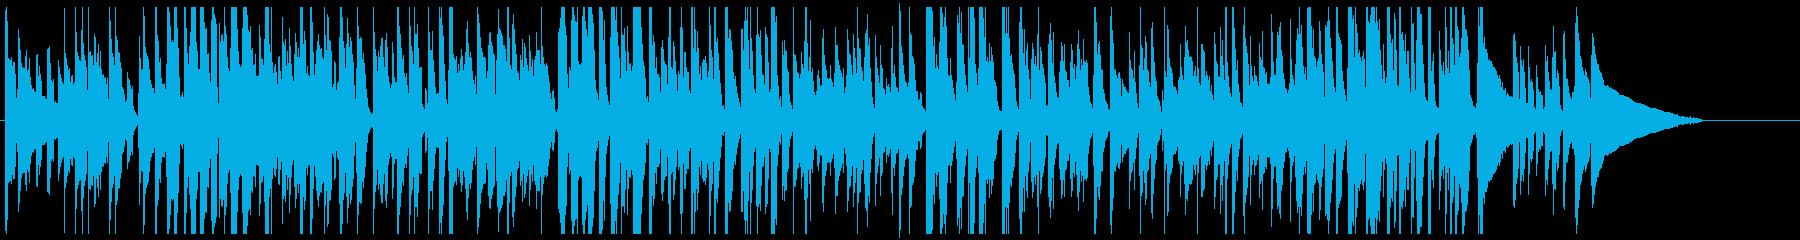 ナイロン弦ギターのファンク風ジングルの再生済みの波形